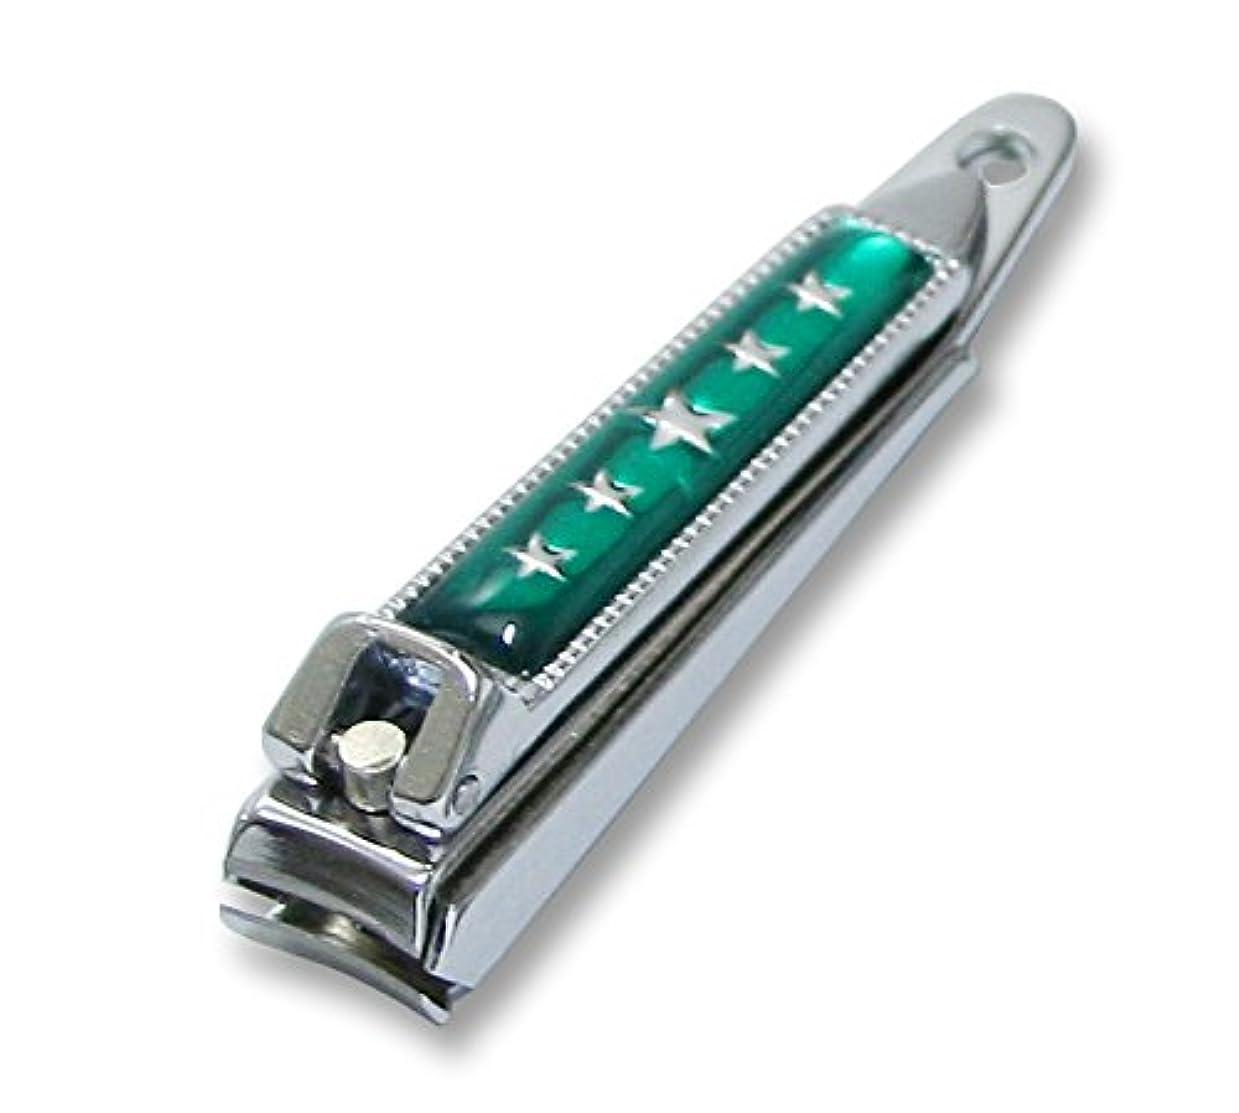 しおれた侵略未払いKC-052GR 関の刃物 関兼常 チラーヌ爪切 小 緑